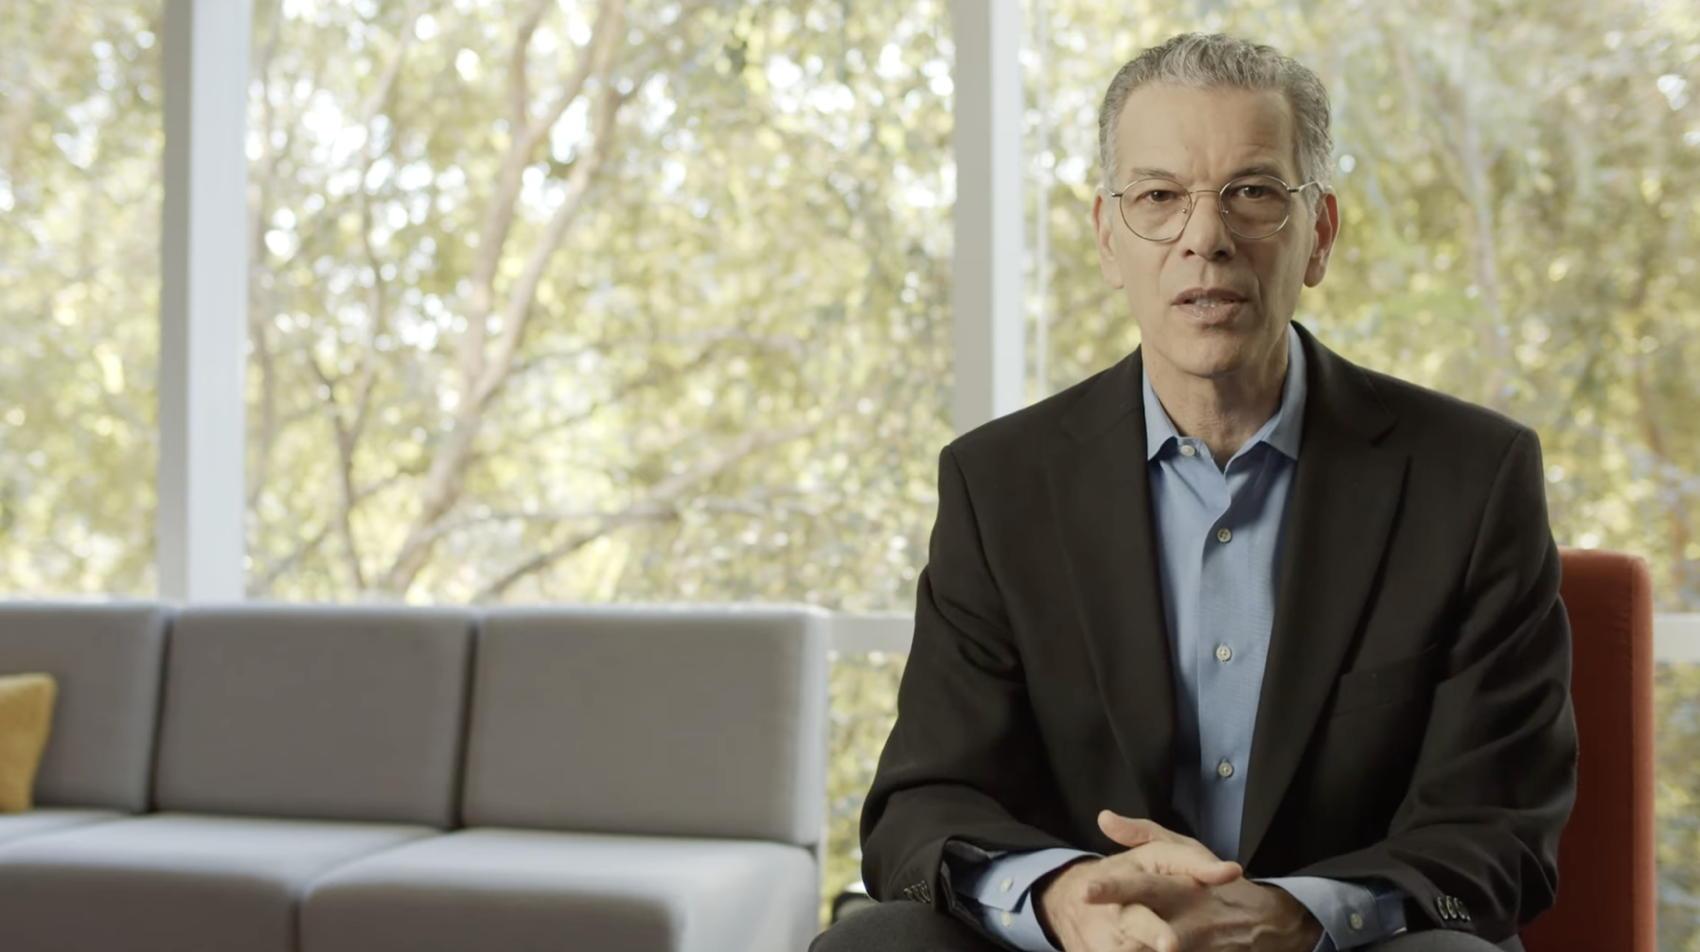 Dr. David Feinberg